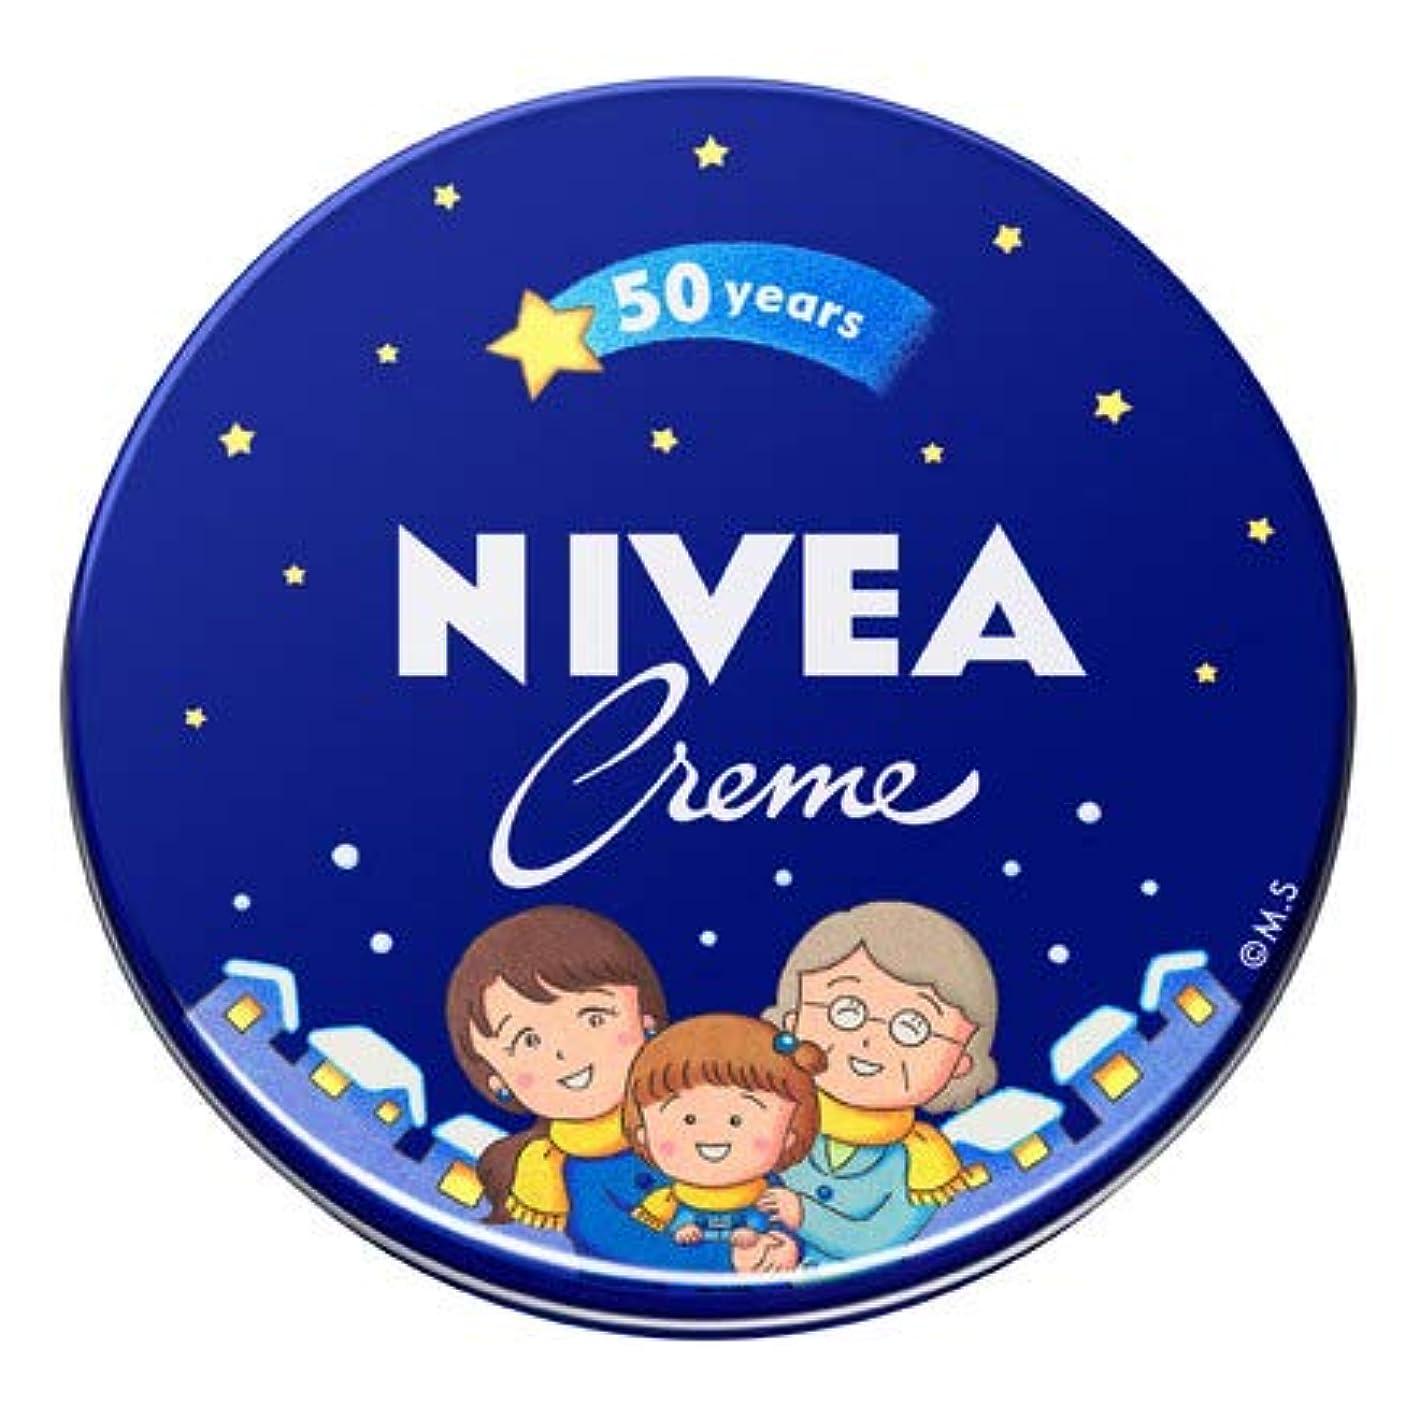 サイレントあからさま考慮NIVEA ニベアクリーム 中缶 56g さくらももこ限定デザイン